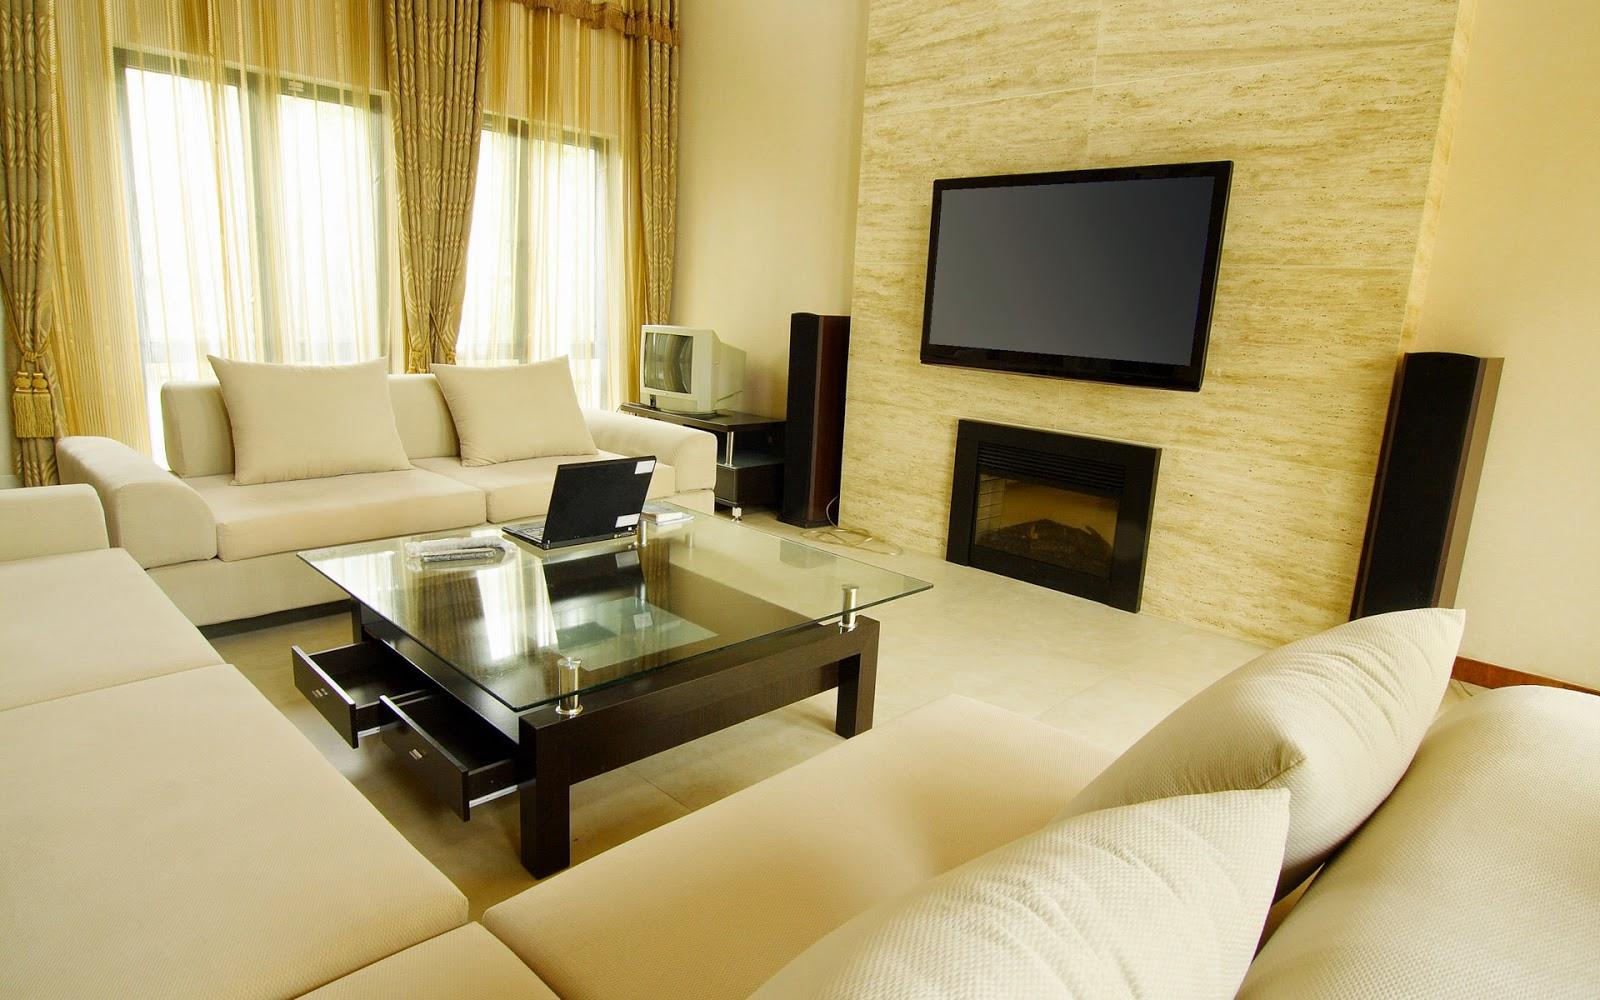 wallpaper dinding untuk ruang keluarga